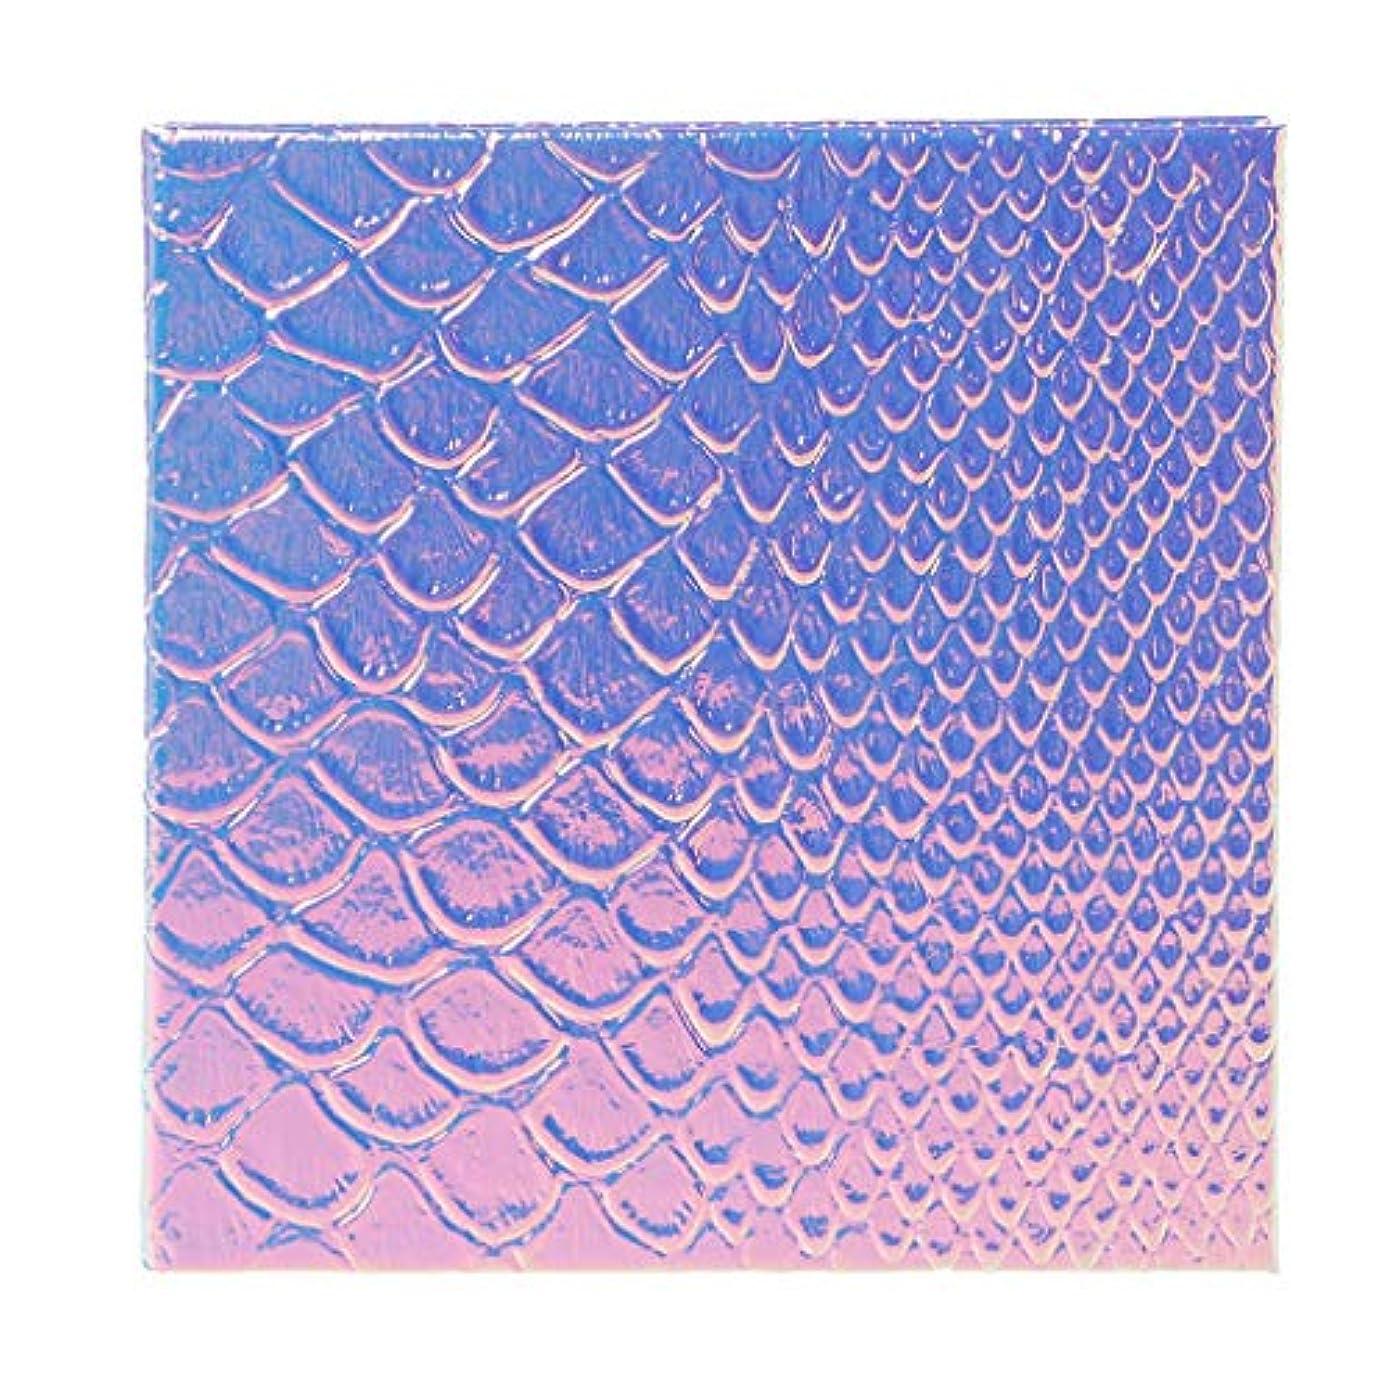 邪悪な旋回ランドリーLamdoo魚スケール空磁気化粧パレットdiyアイシャドーコンシーラーケースホルダー - 2#